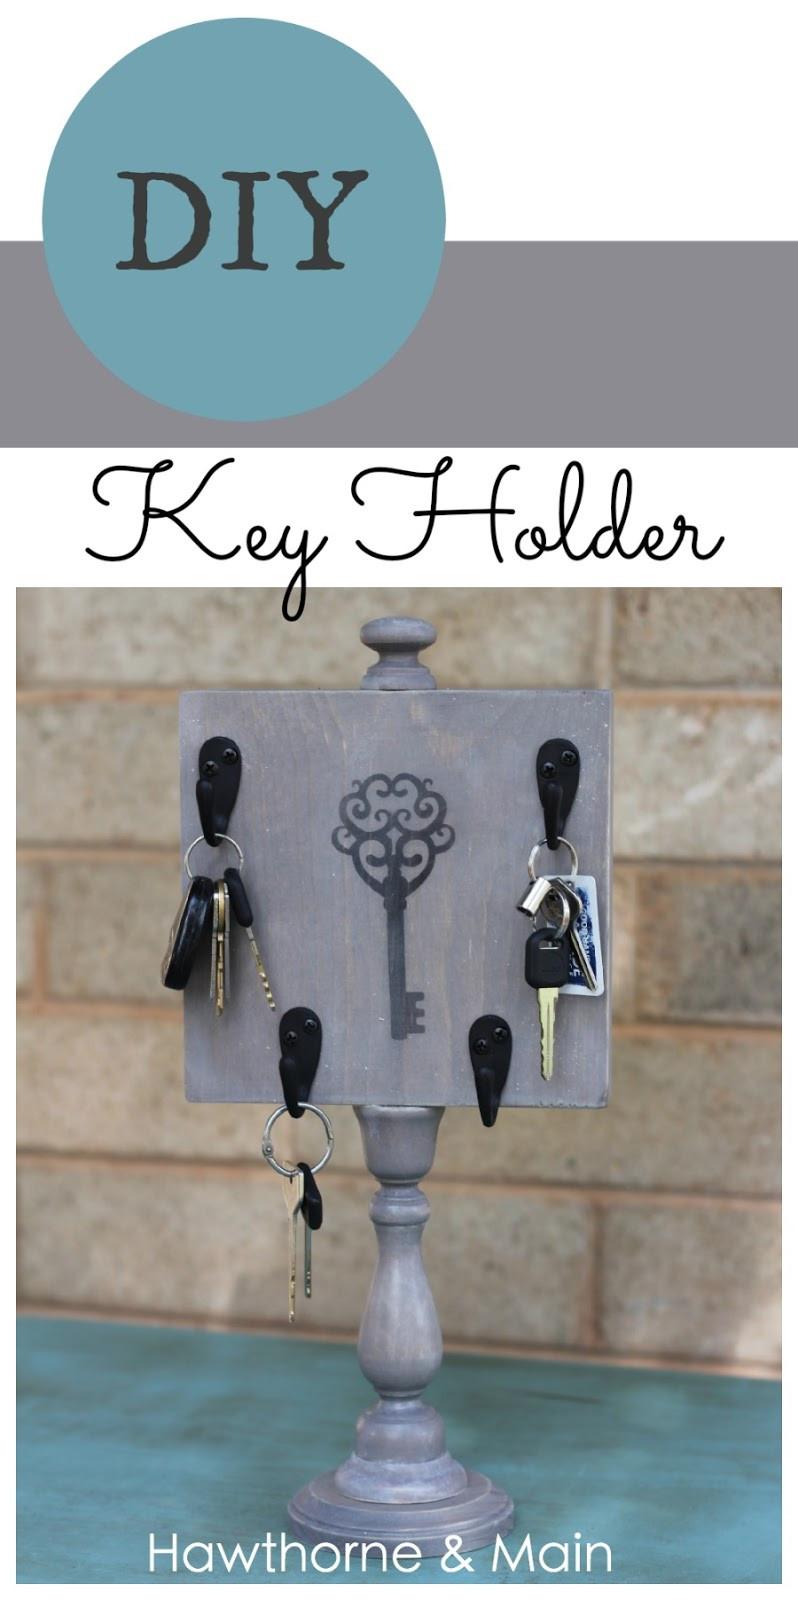 DIY Key Rack  DIY Key Holder – HAWTHORNE AND MAIN